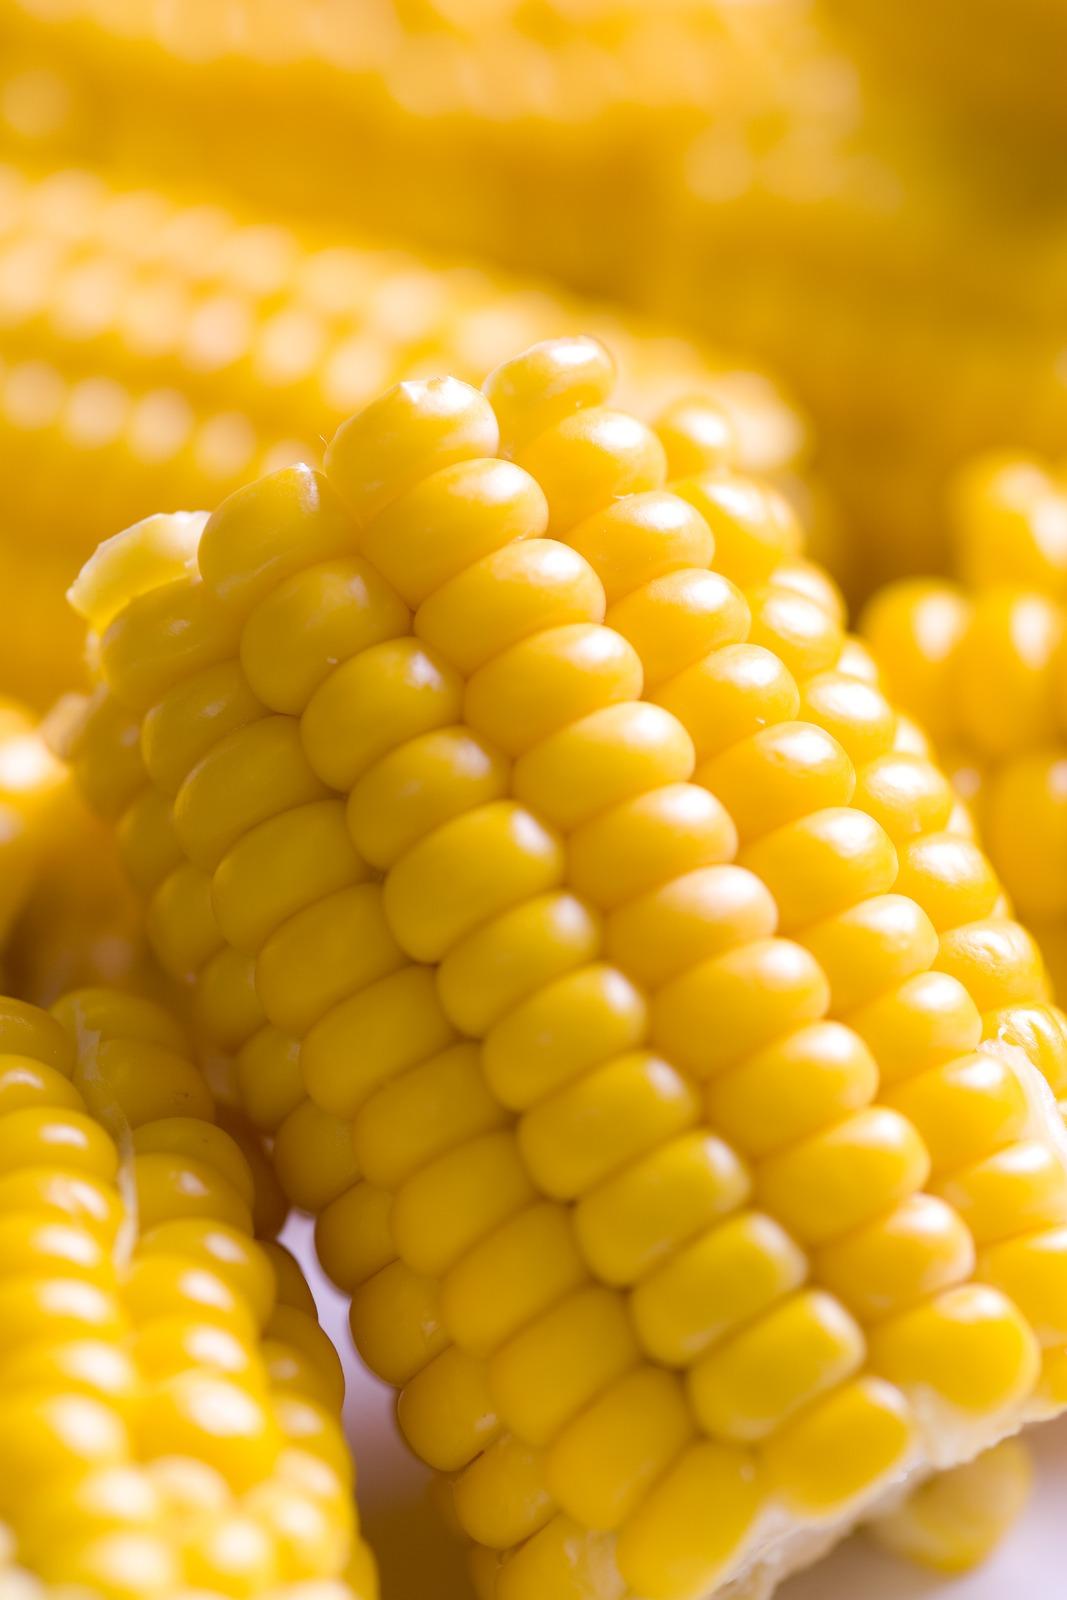 Moderne, søt og saftig. Dagens mais har falt langt fra stammen. Foto:  frukt.no